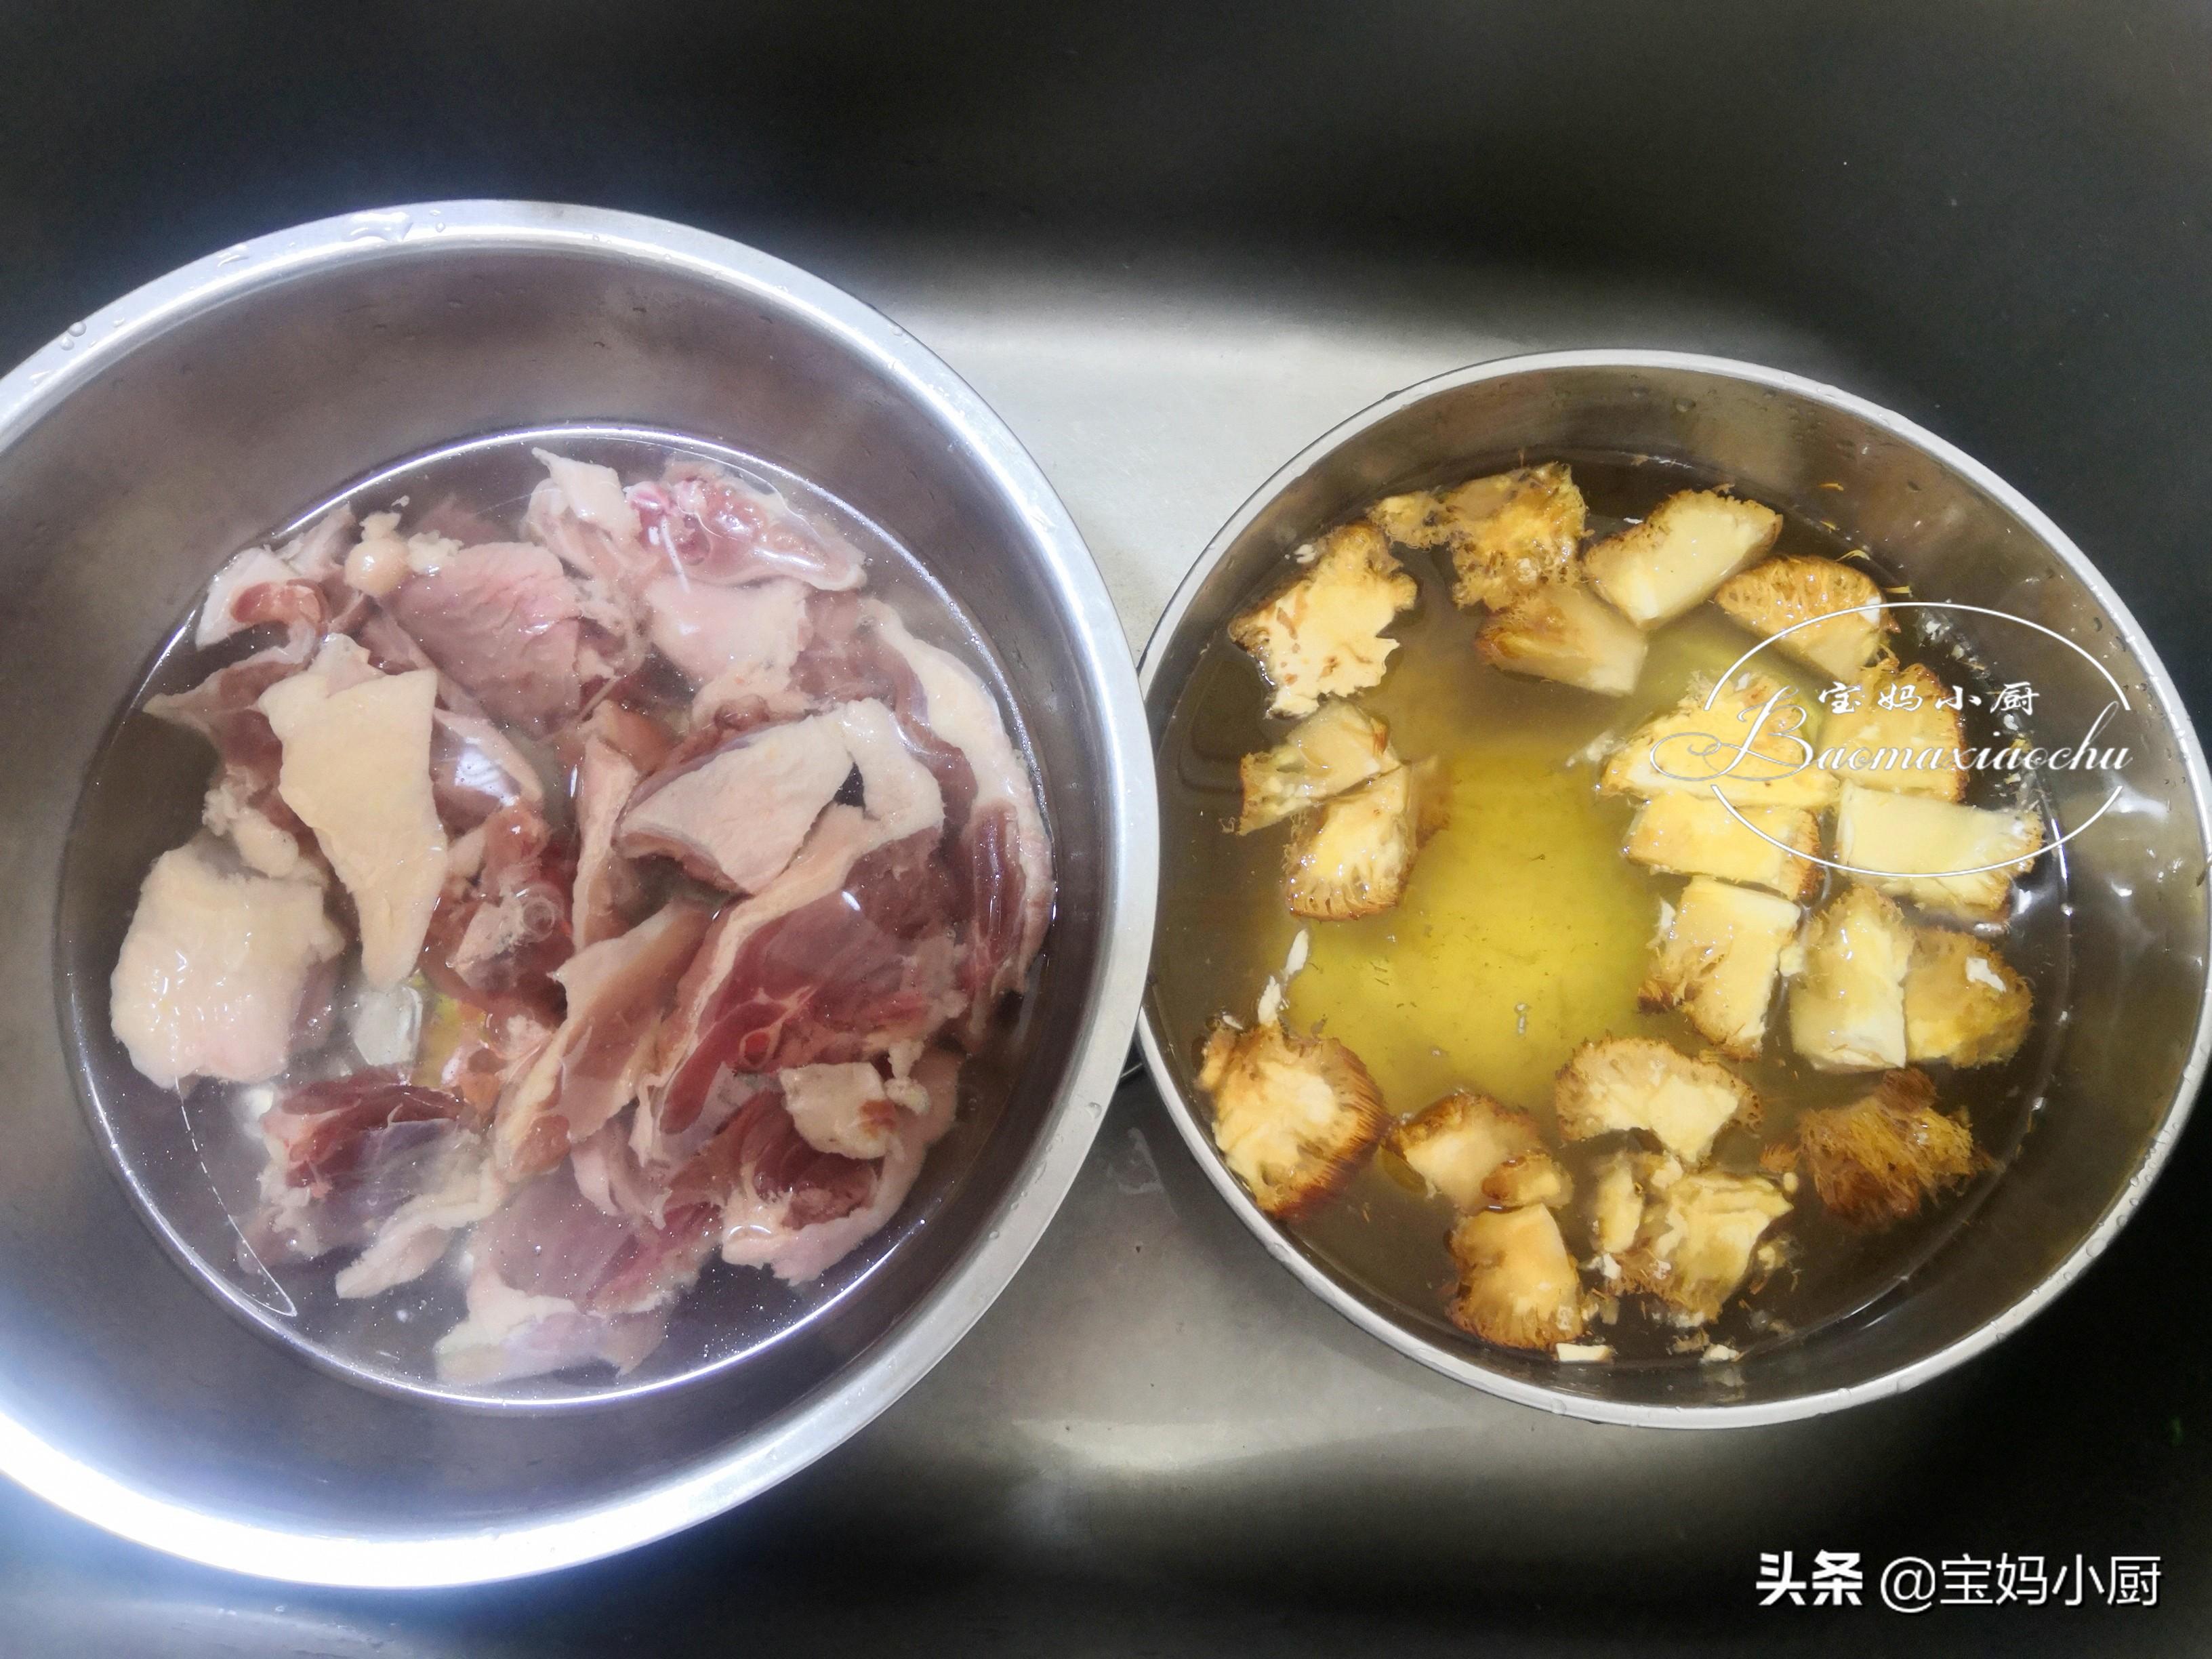 天熱多吃這肉好,有營養還不擔心上火,尤其這倆搭配,吃飽不長肉